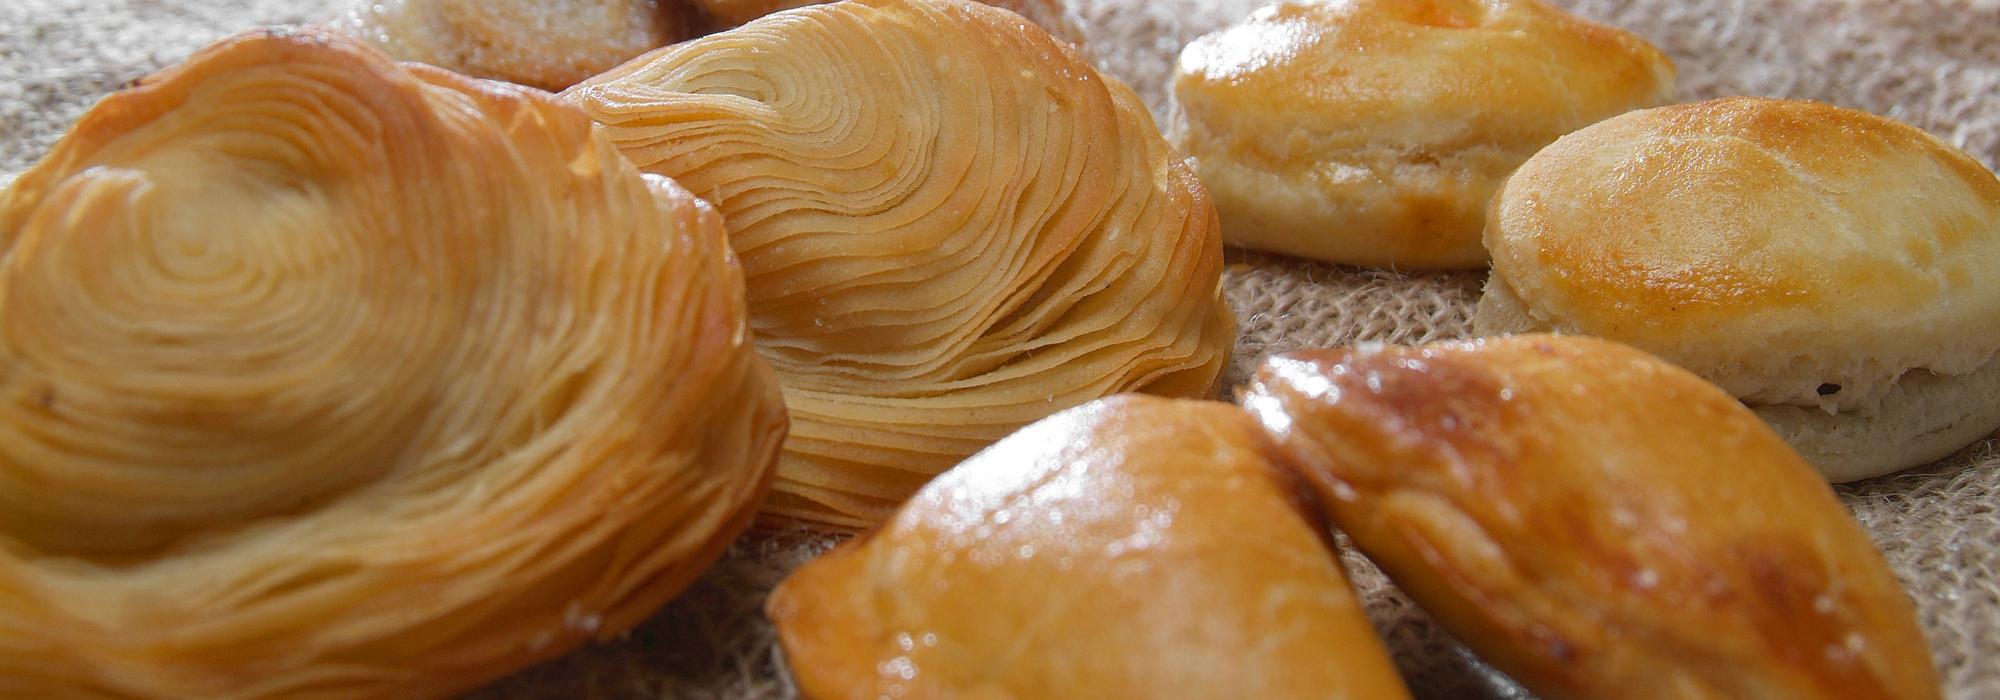 Confitería Pastelería Panadería Consuegra Murcia